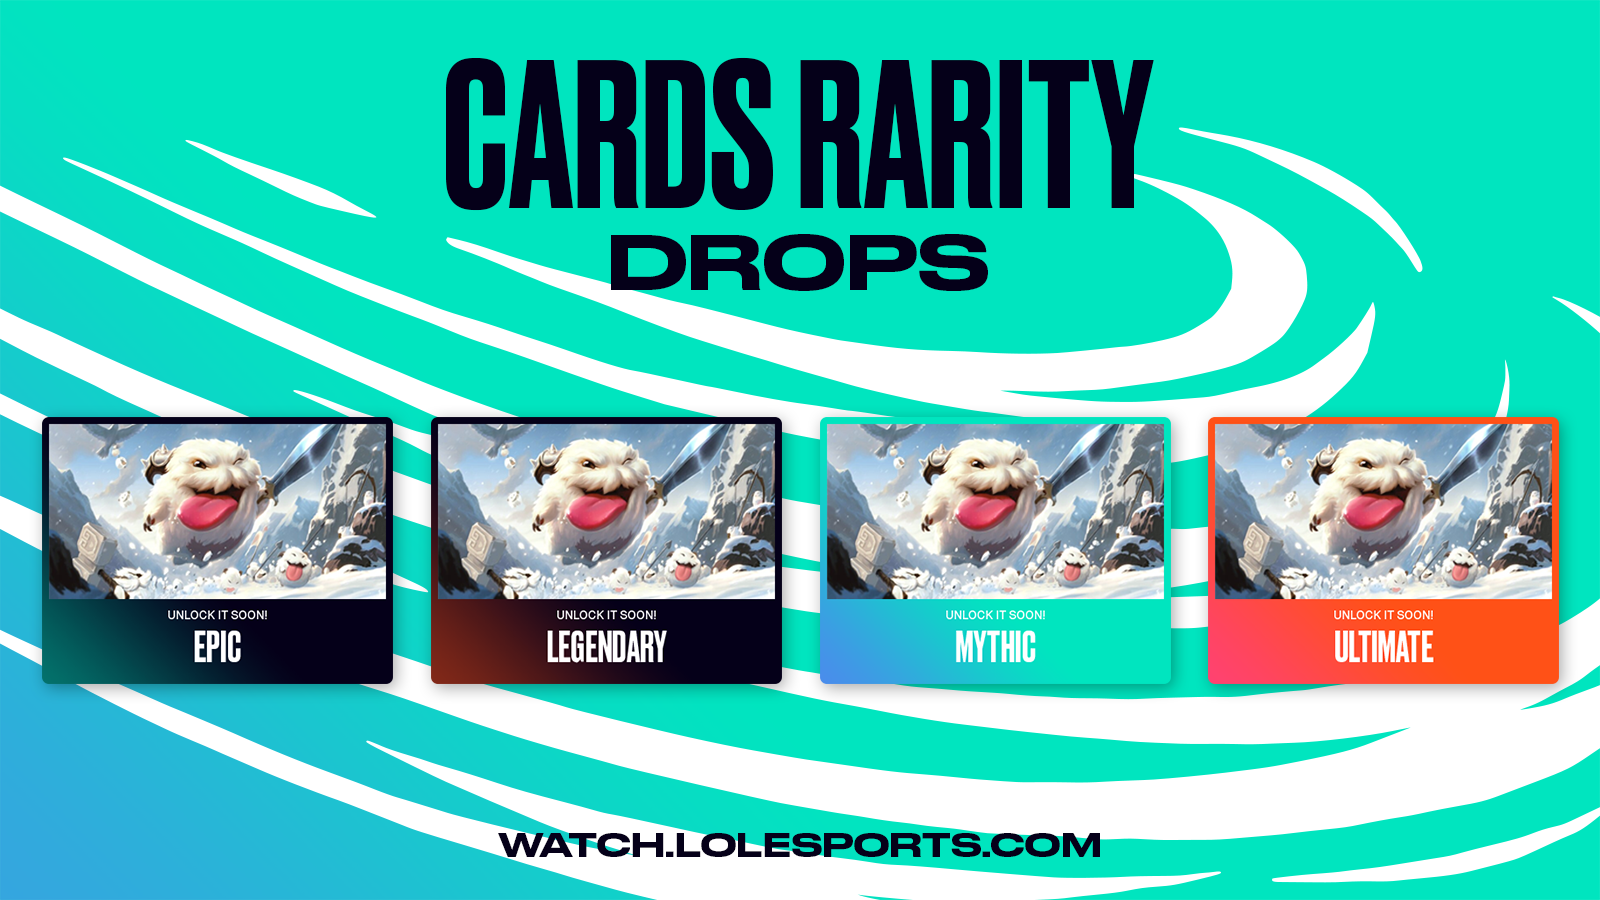 League of Legends drop rarities